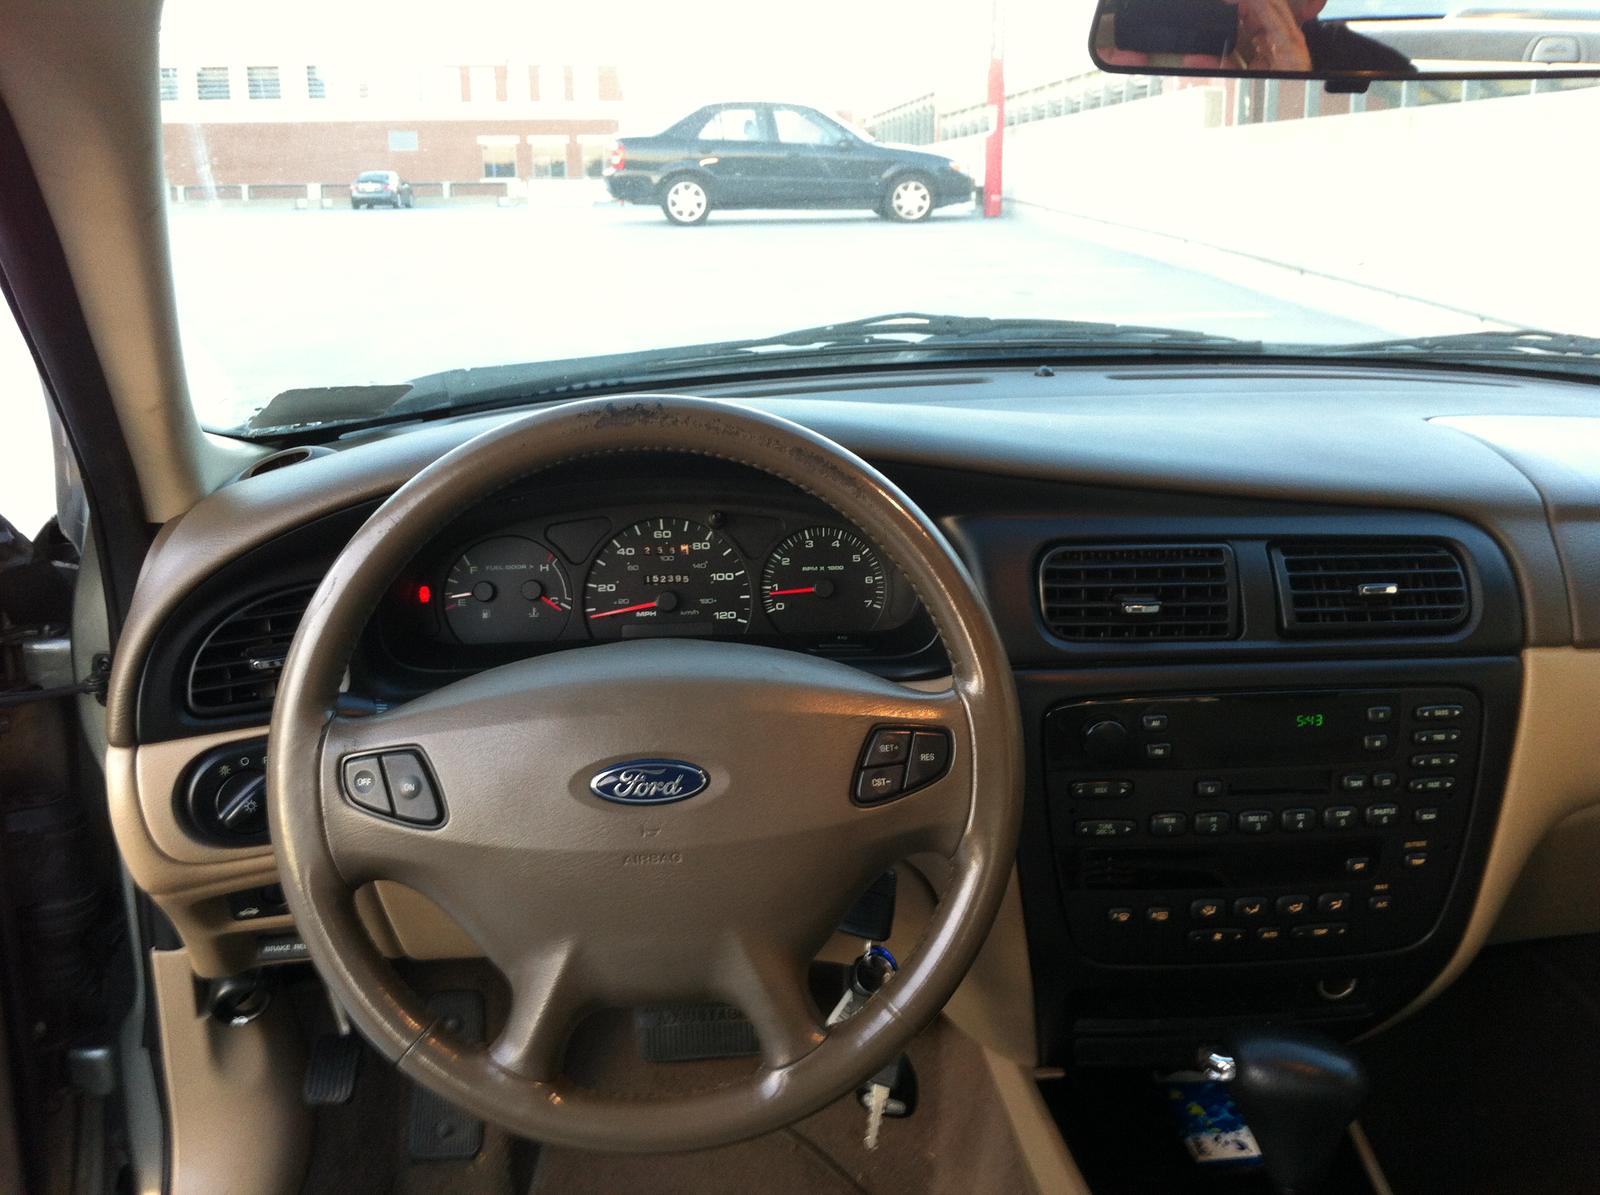 2002 Ford Taurus - Interior Pictures